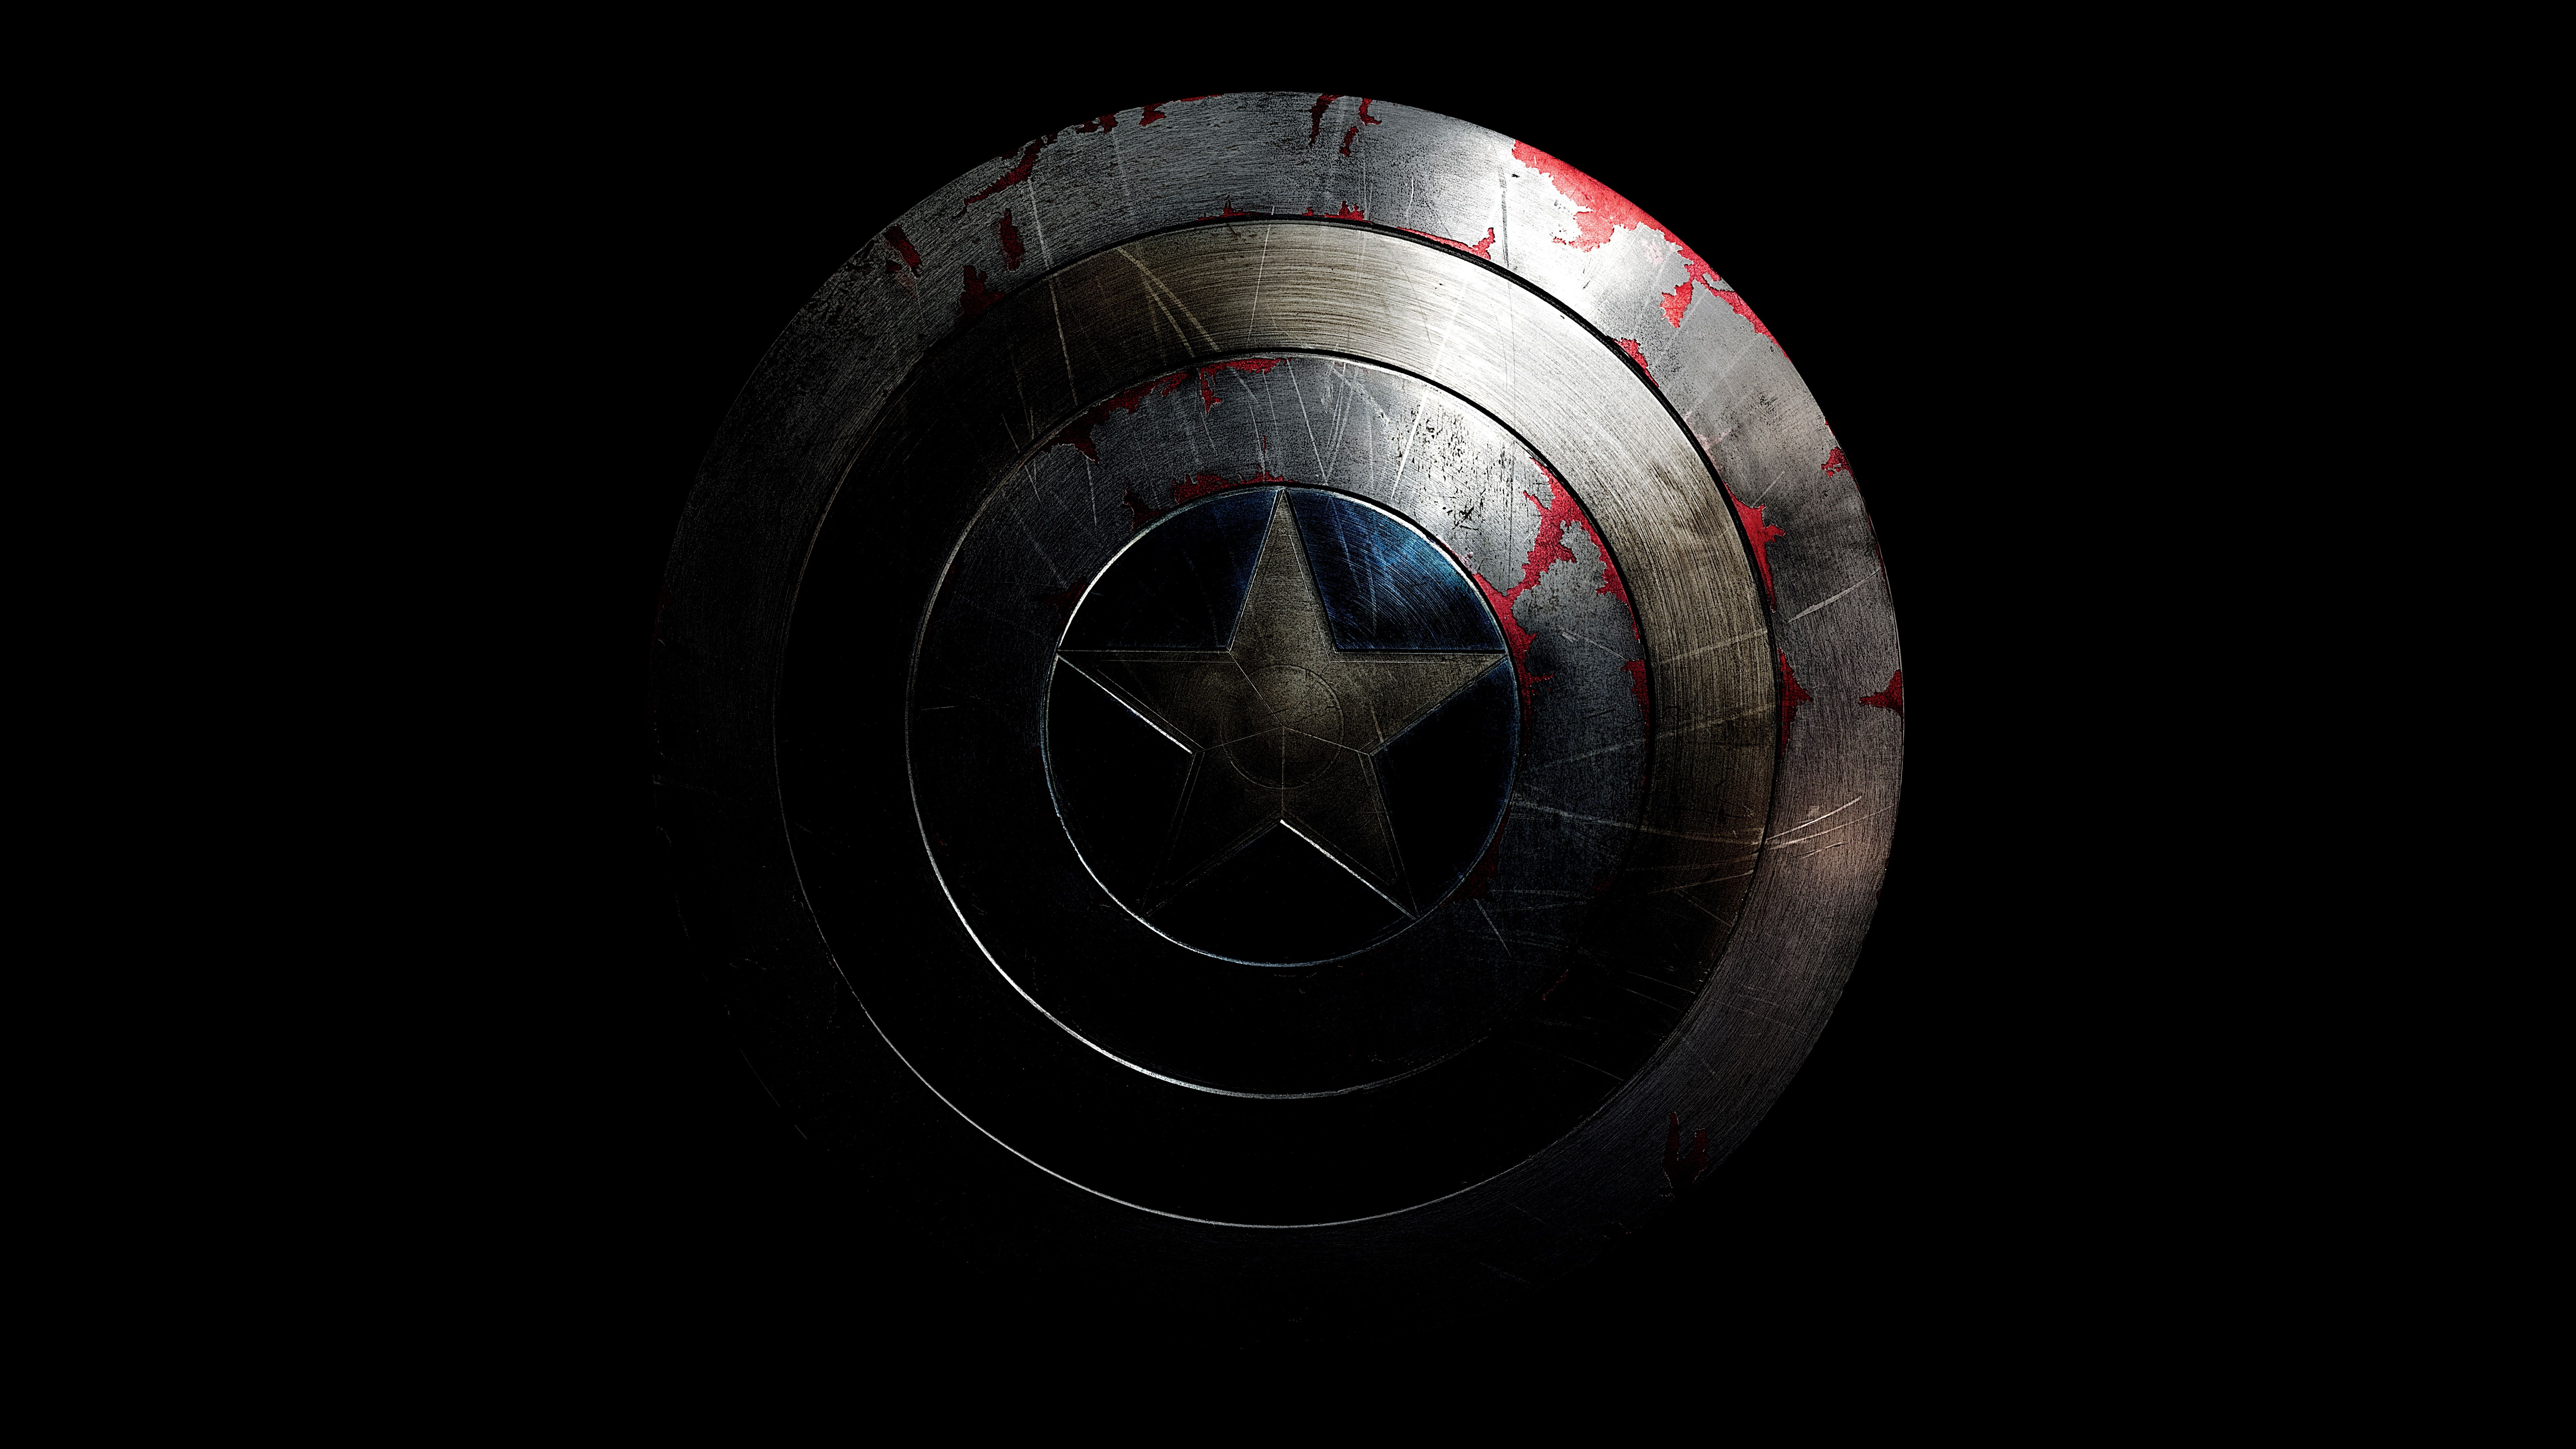 8k Shield Marvel Comics 4k Captain America 8k Wallpaper Hdwallpaper Desktop Captain America Shield Wallpaper Captain America Wallpaper Captain America